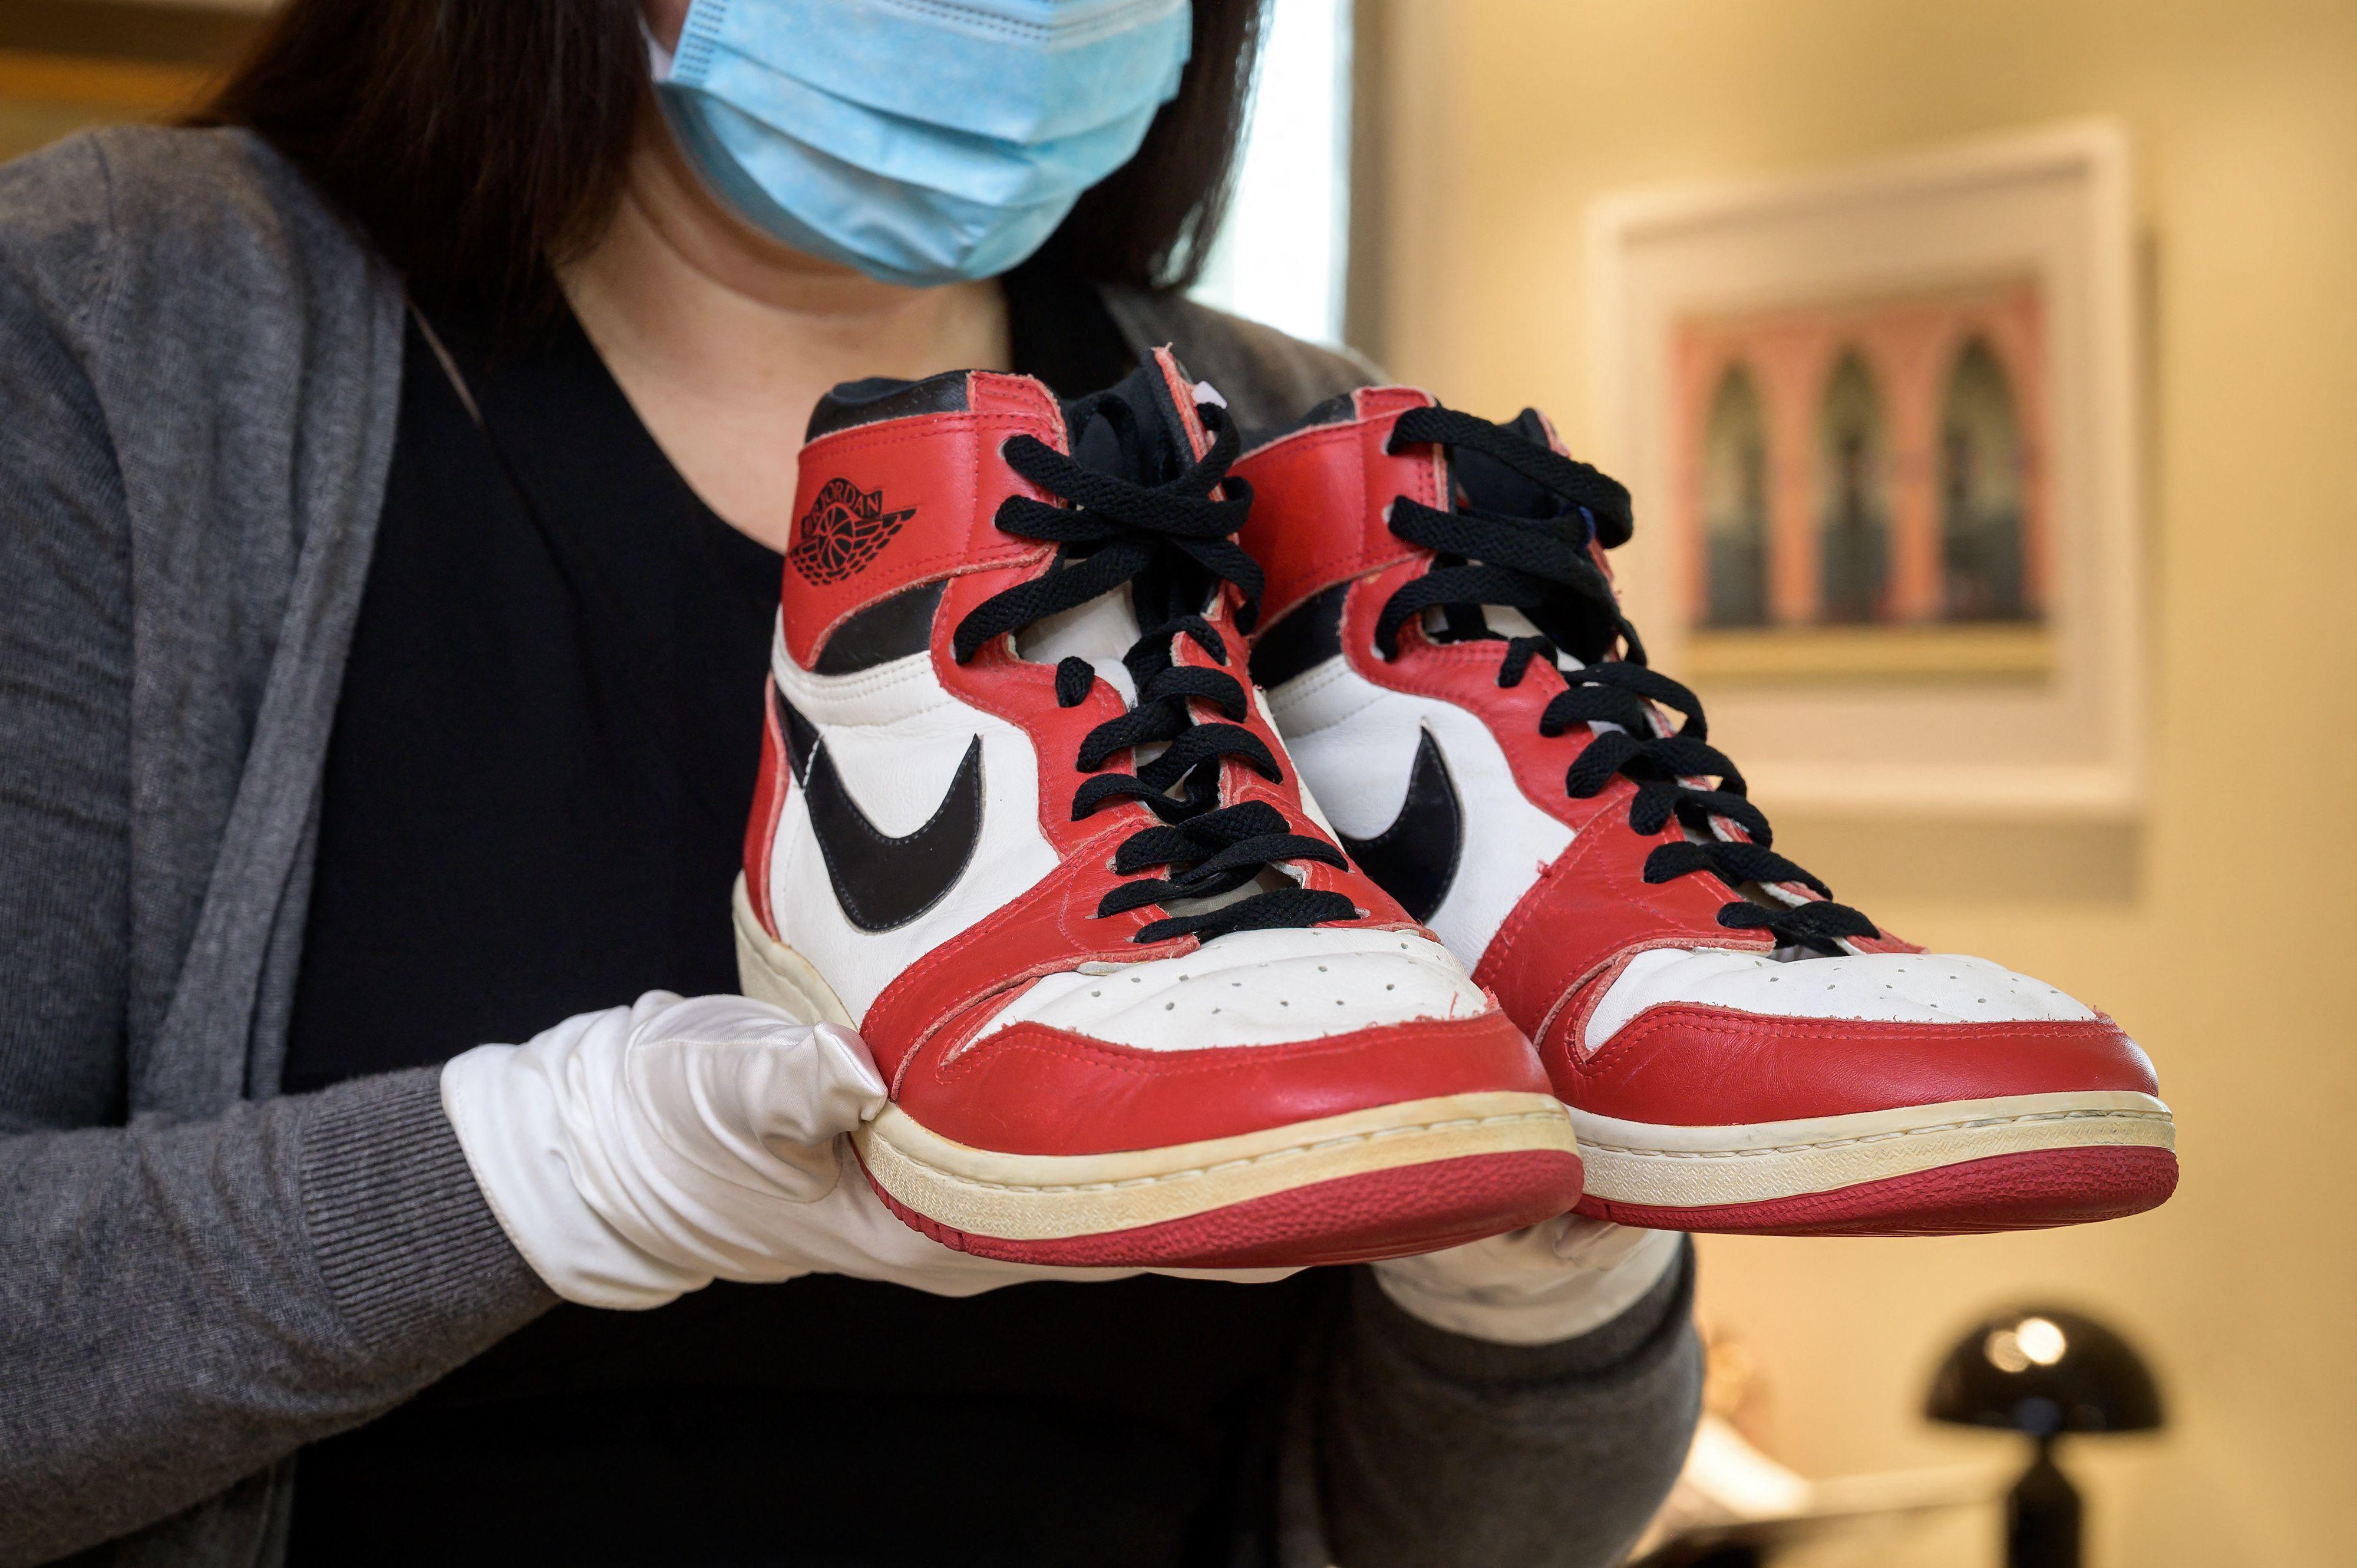 La folie des chaussures de sportifs chez Sotheby's